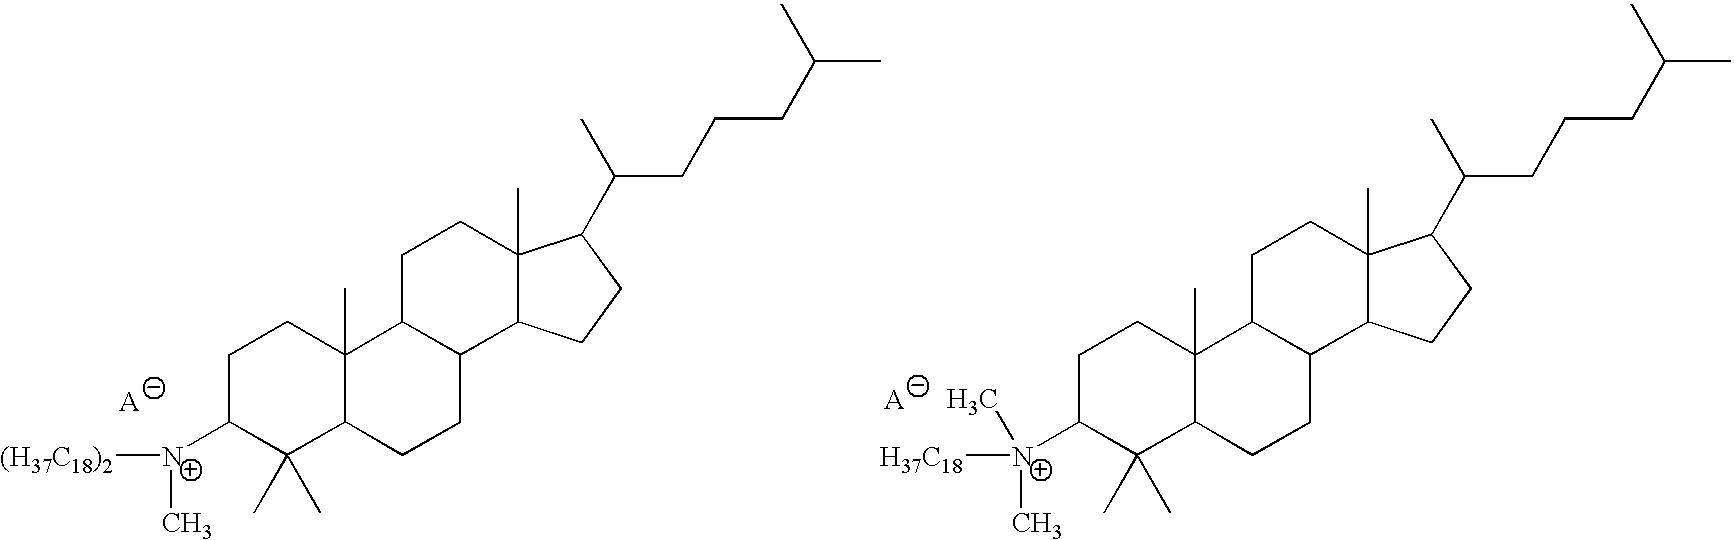 Figure US20040065227A1-20040408-C00119